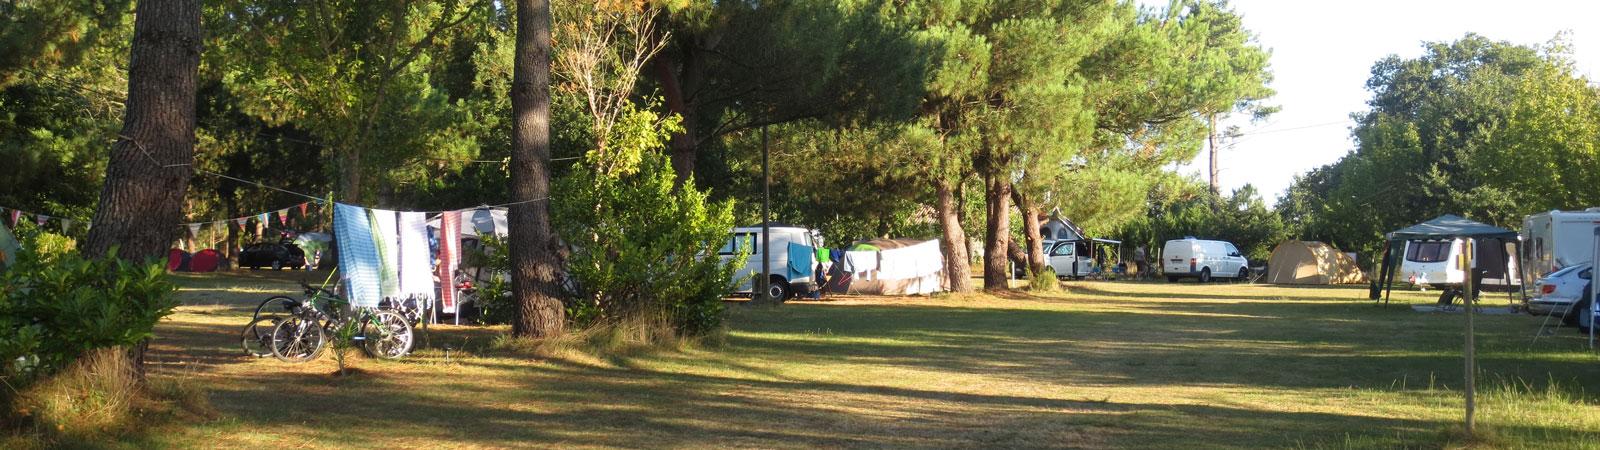 Espace, tranquillité et convivialité - Camping La Prairie - Aire Naturelle